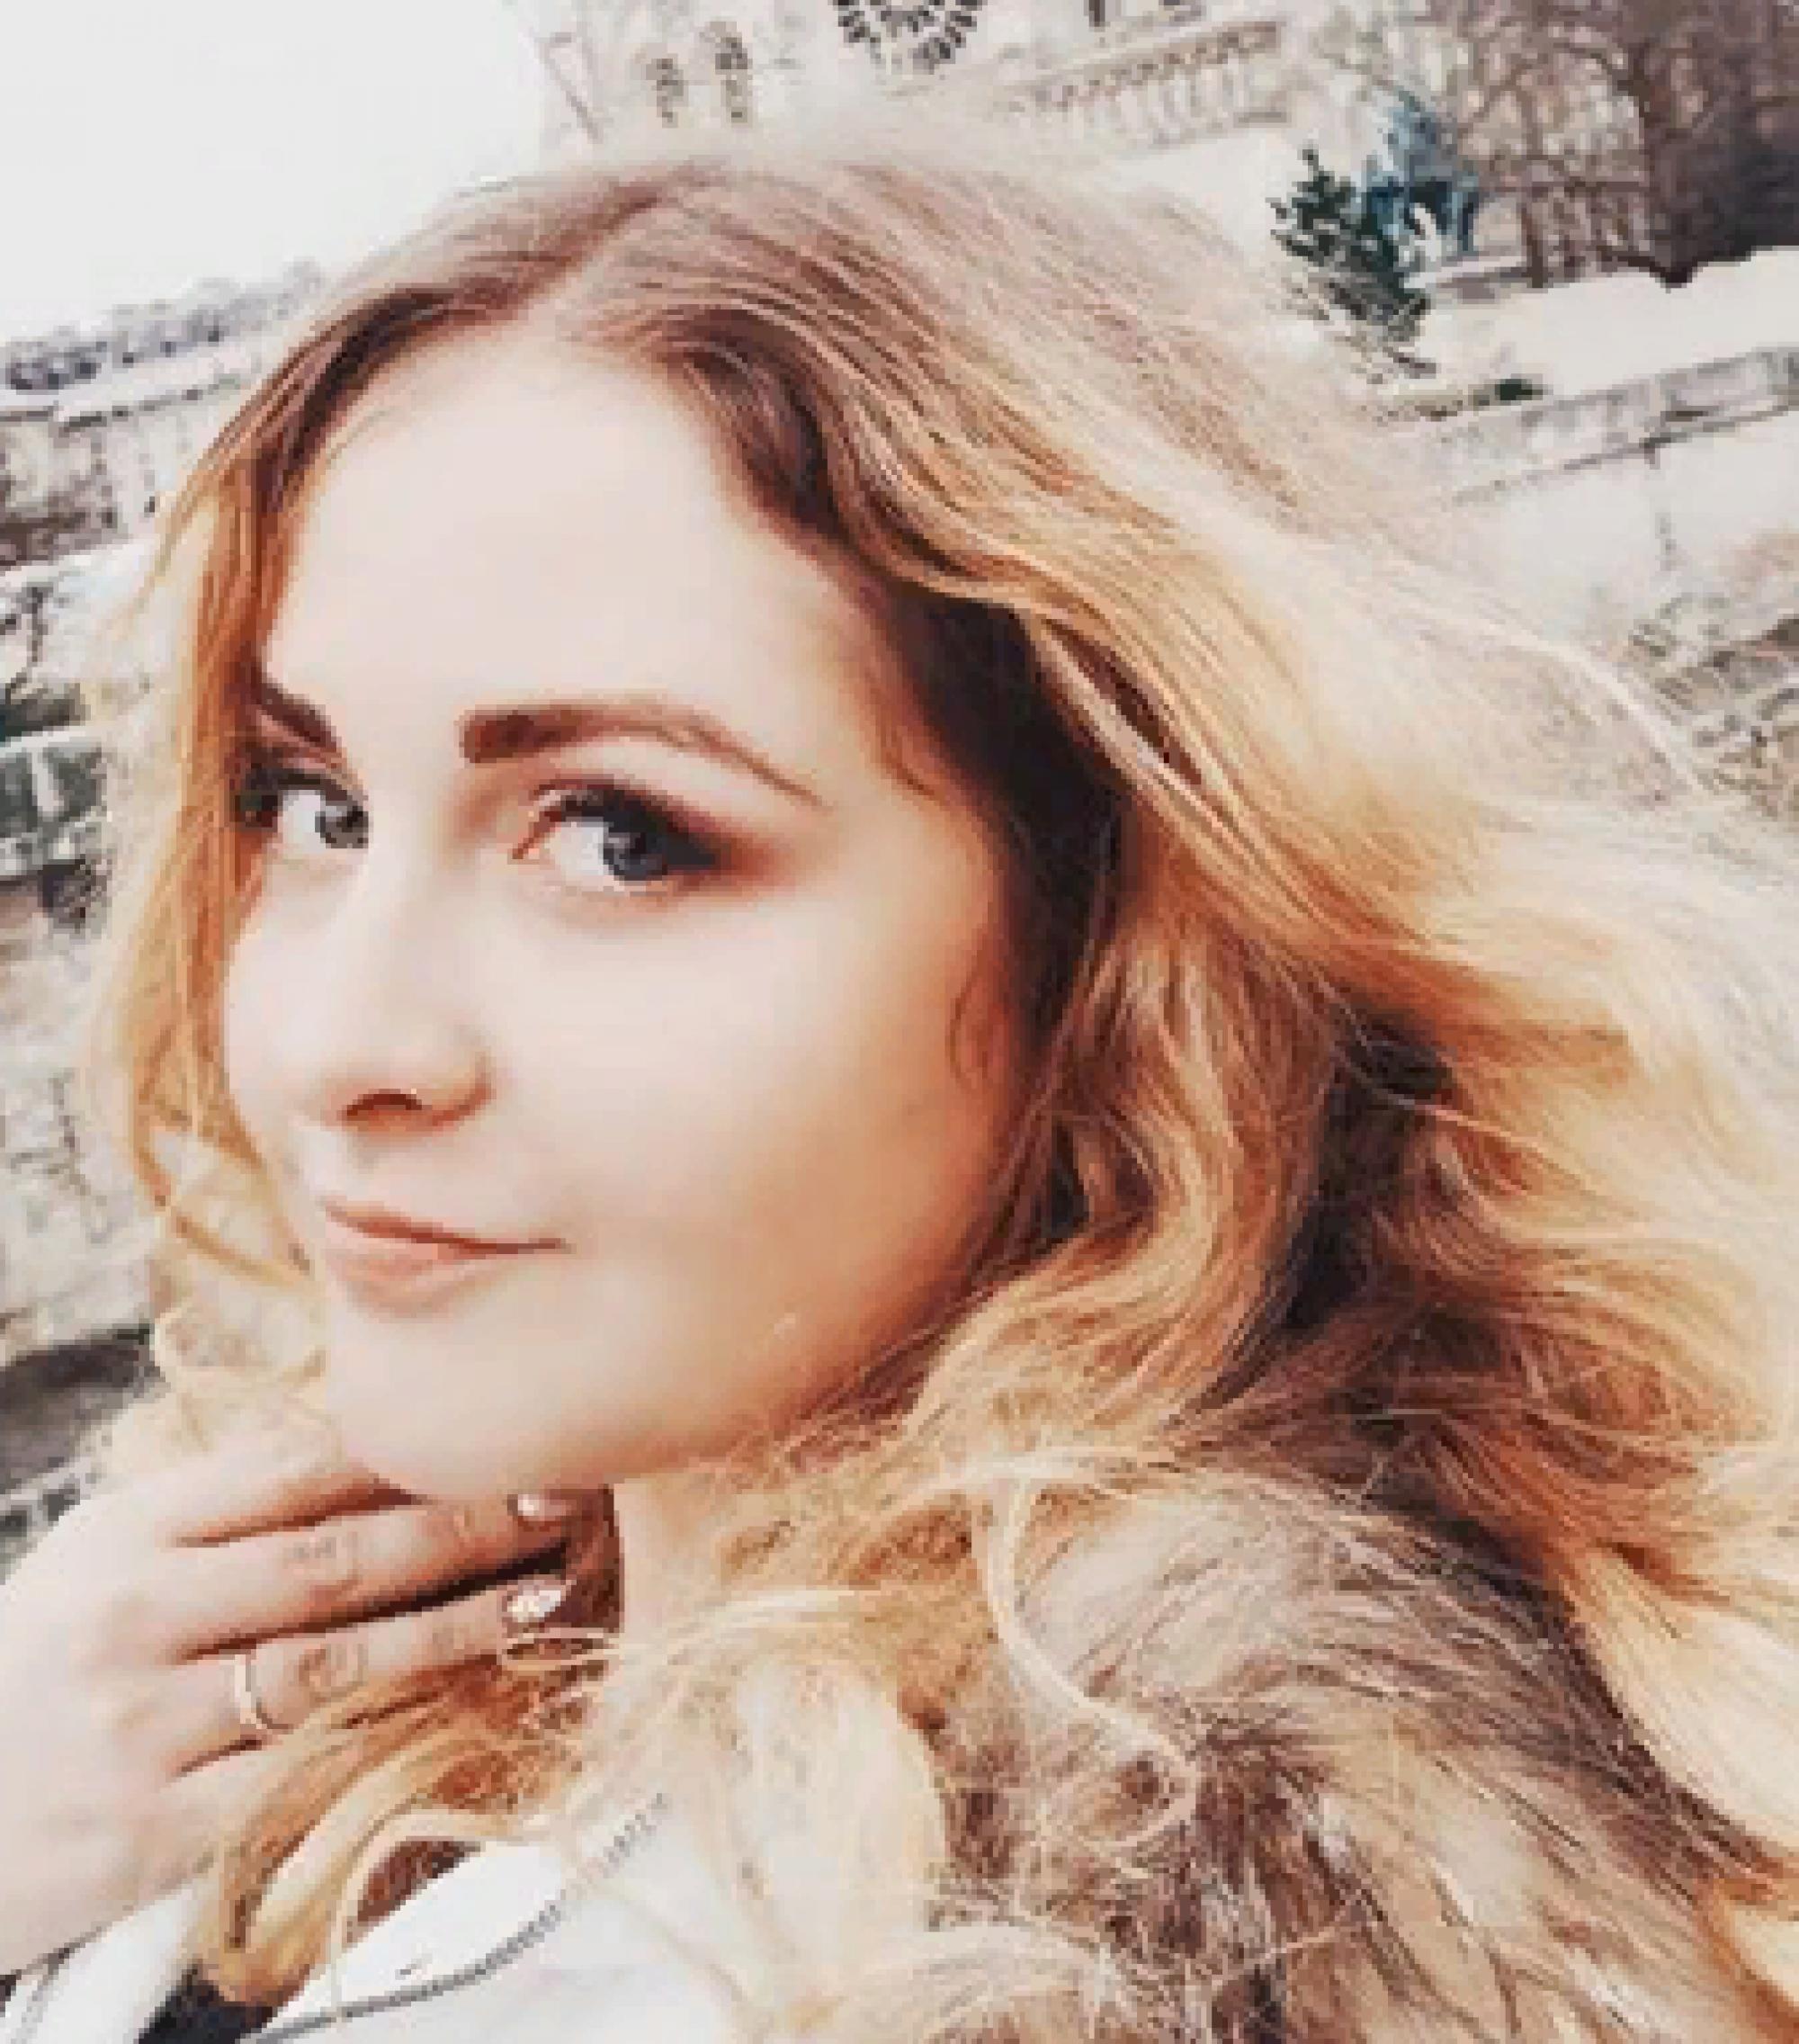 Дочь Михаила Задорнова всколыхнула Сеть своим откровенным снимком